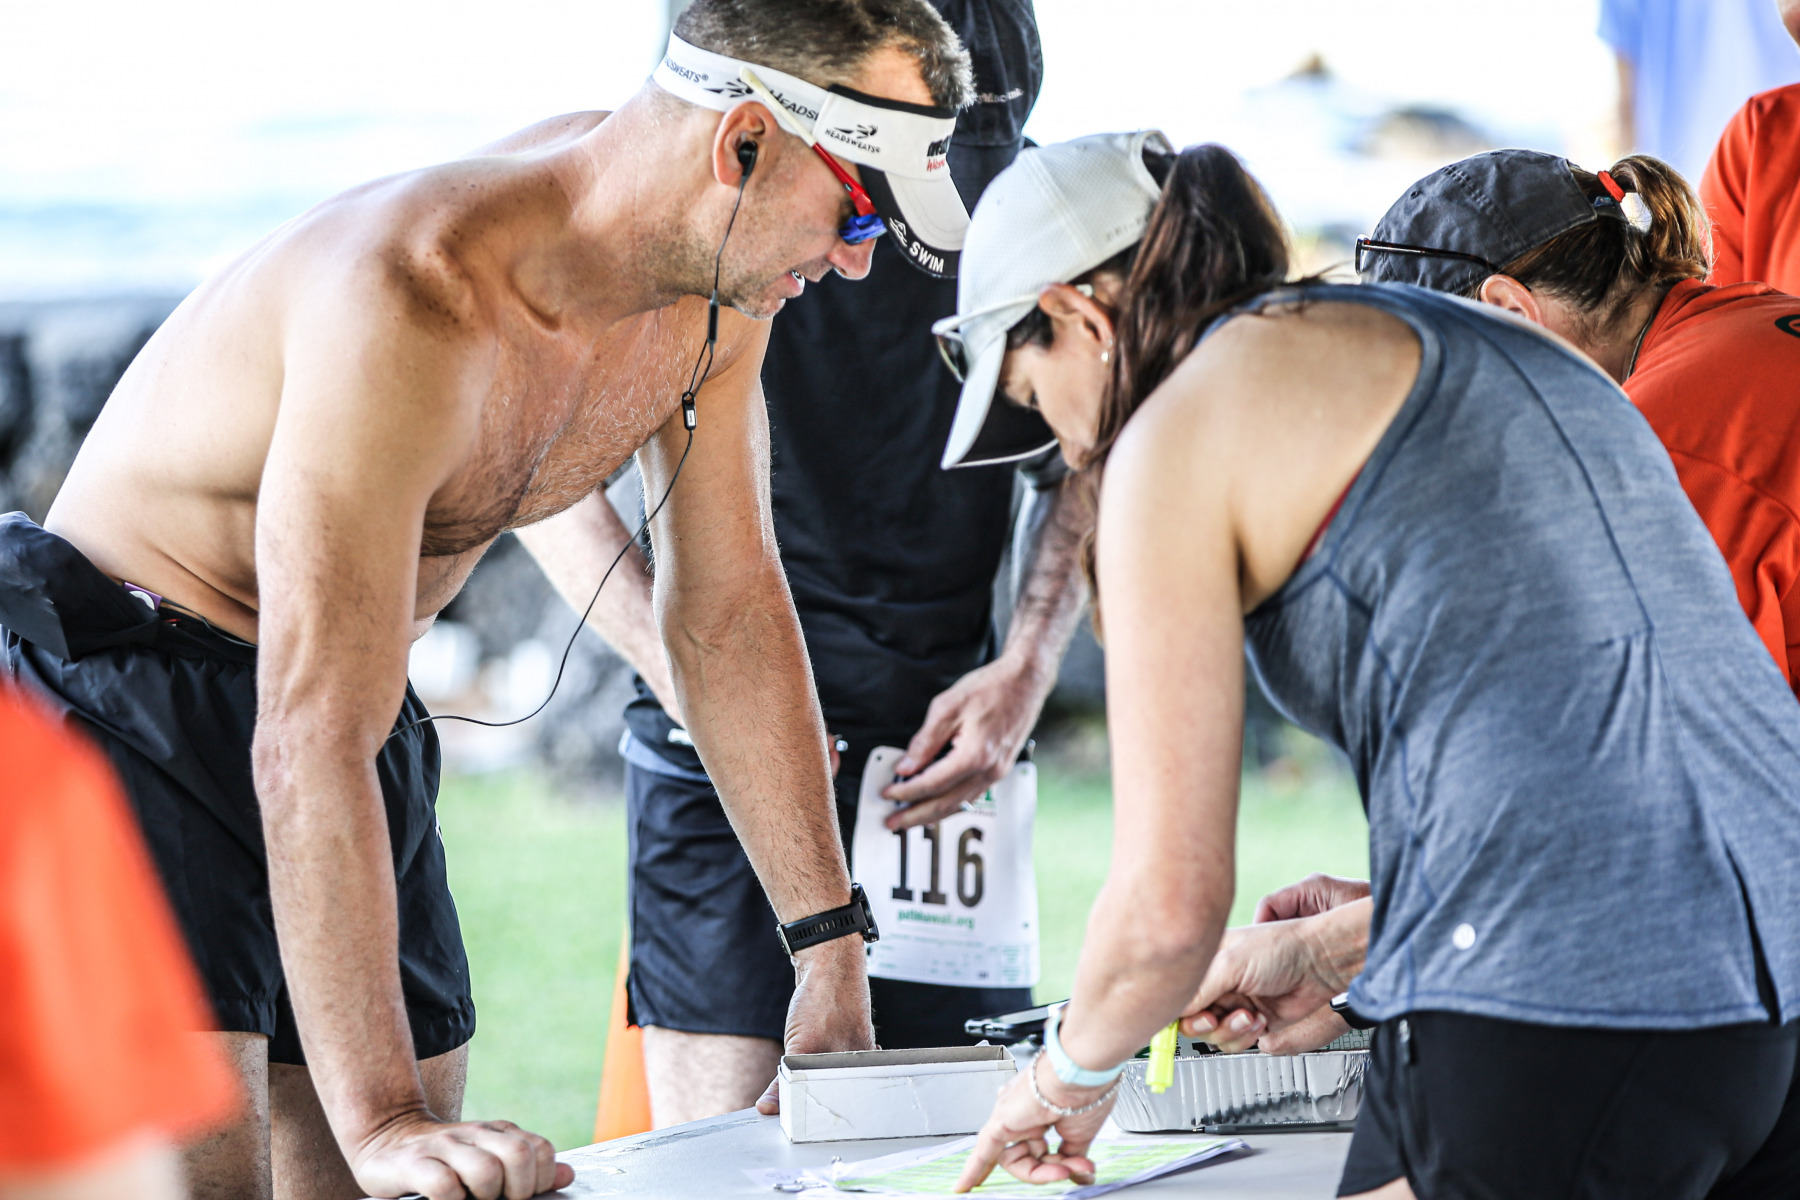 Sieben Tage vor dem Triathlon des Jahres ist der Path Run in Kailua-Kona für viele Athleten die letzte Gelegenheit für einen Formcheck unter Rennbedingungen.